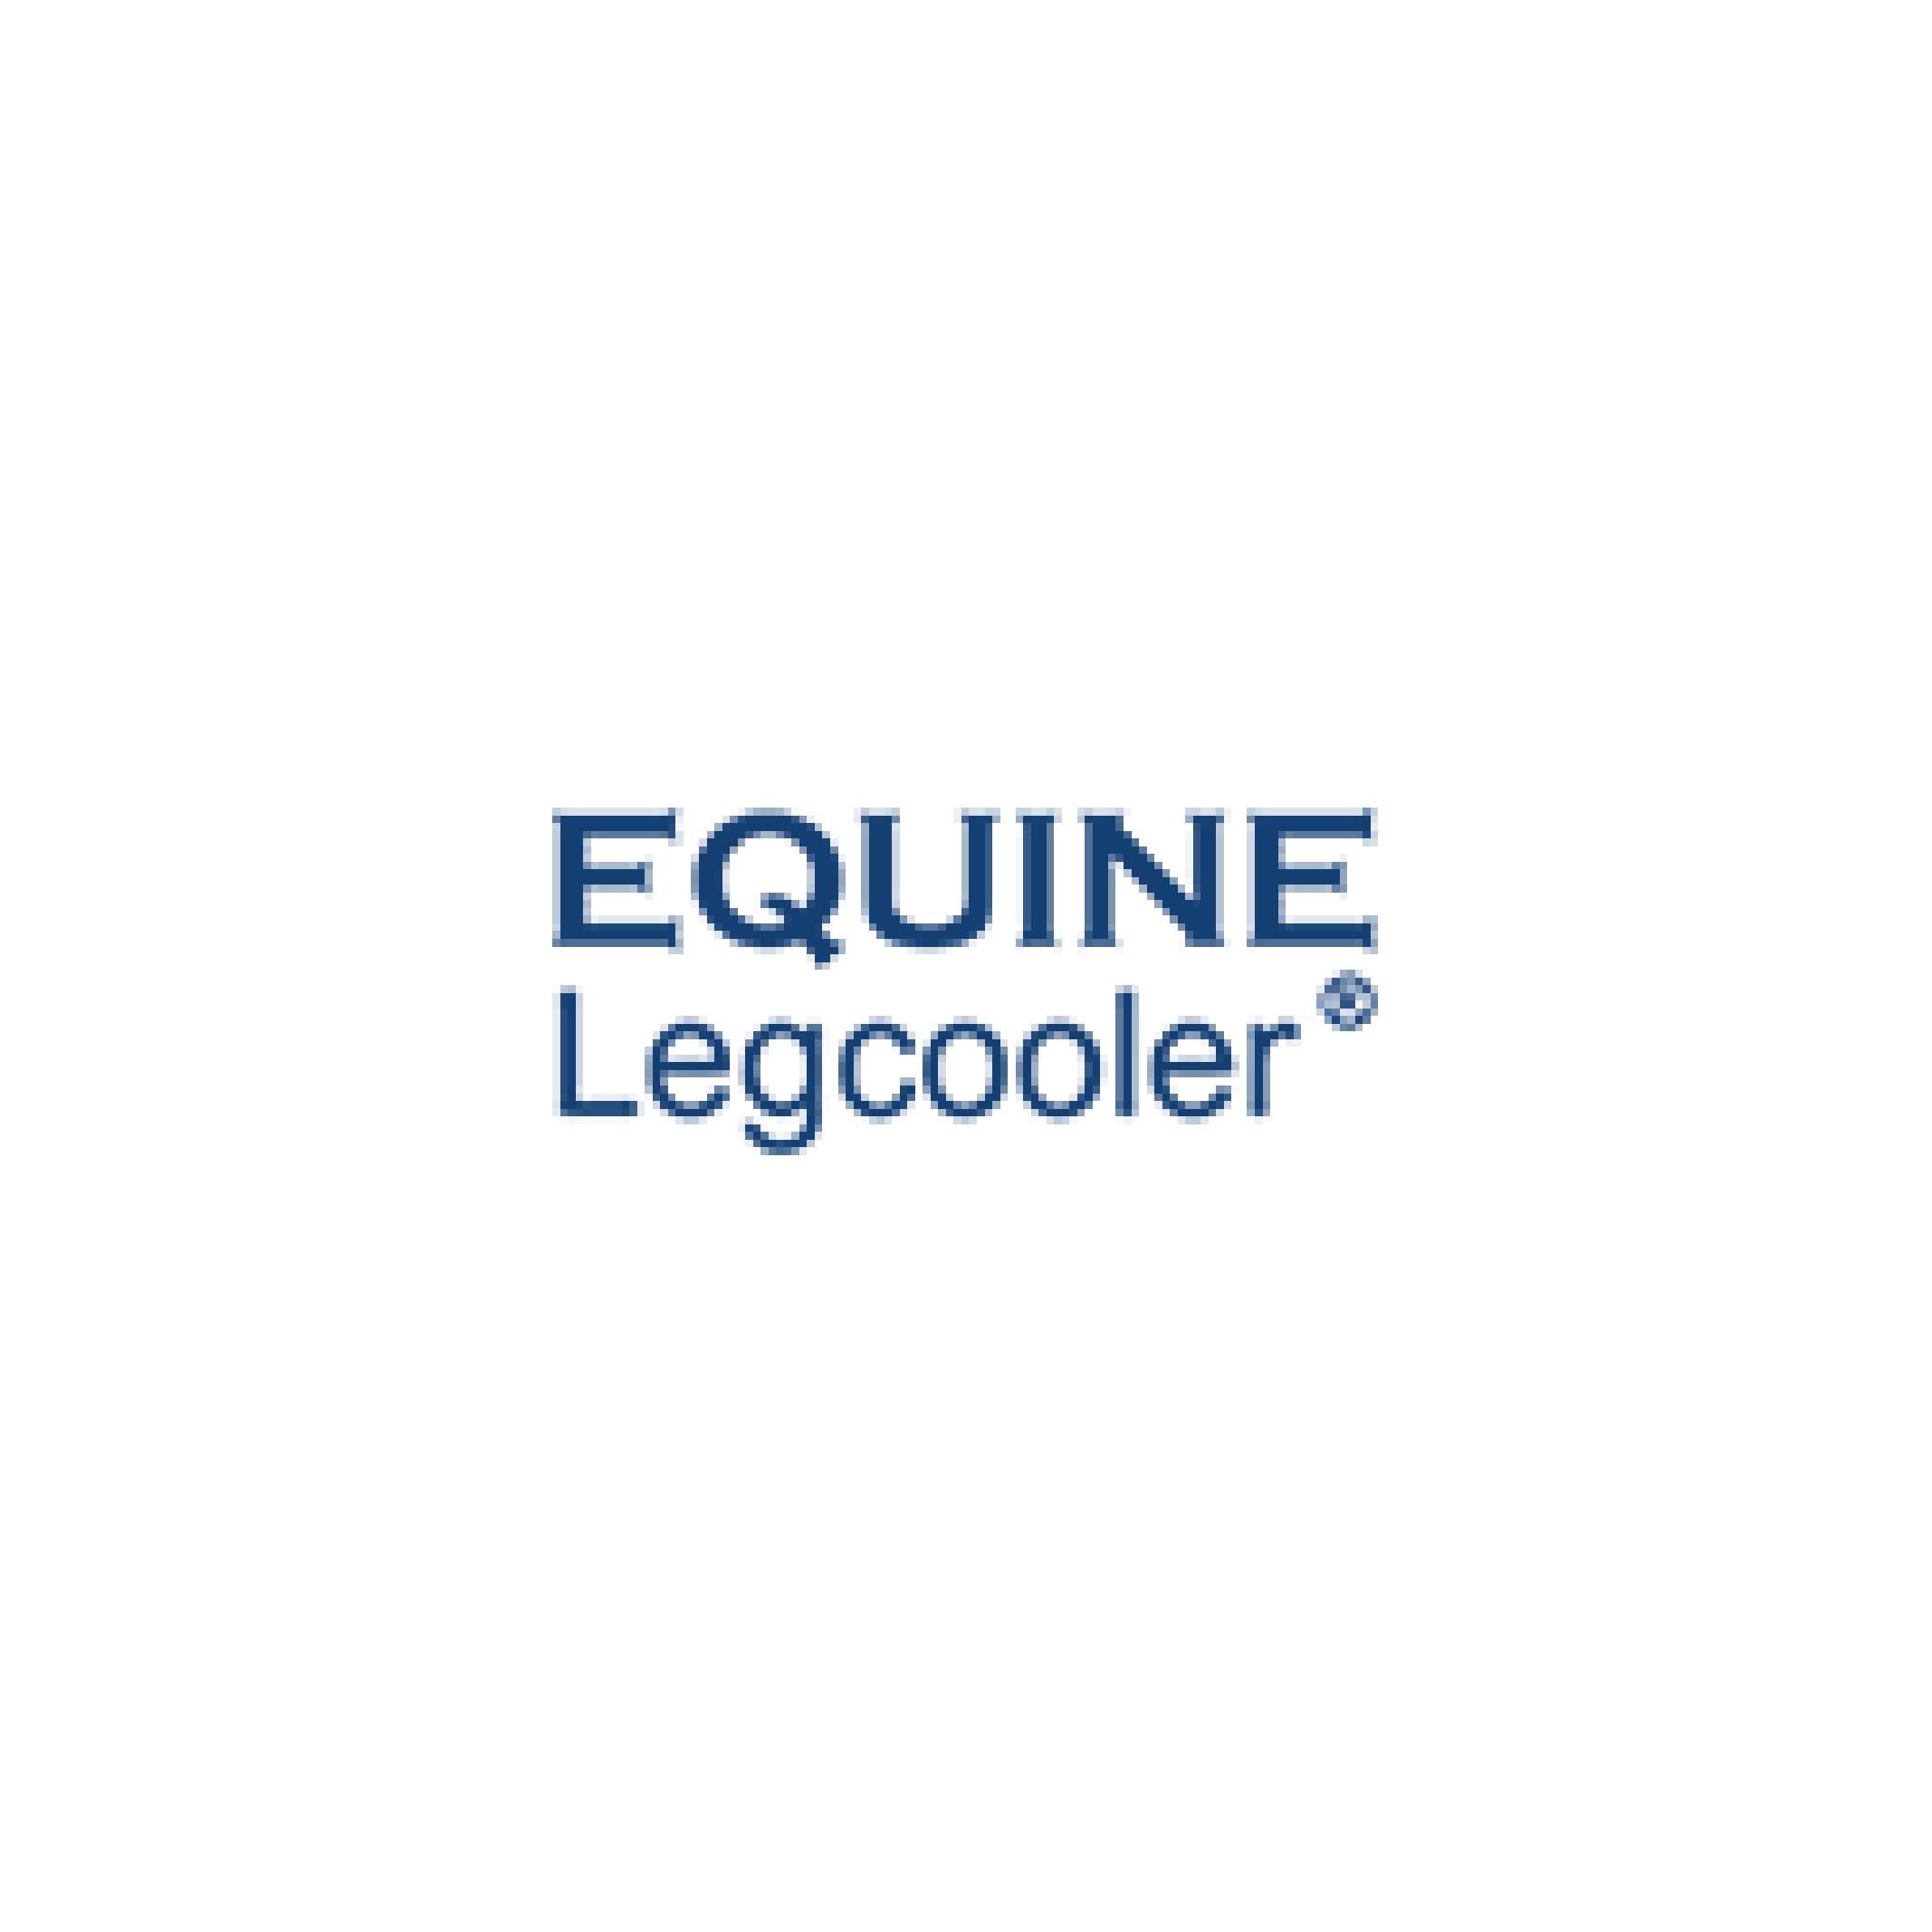 Equine legcooler HVP Mensport